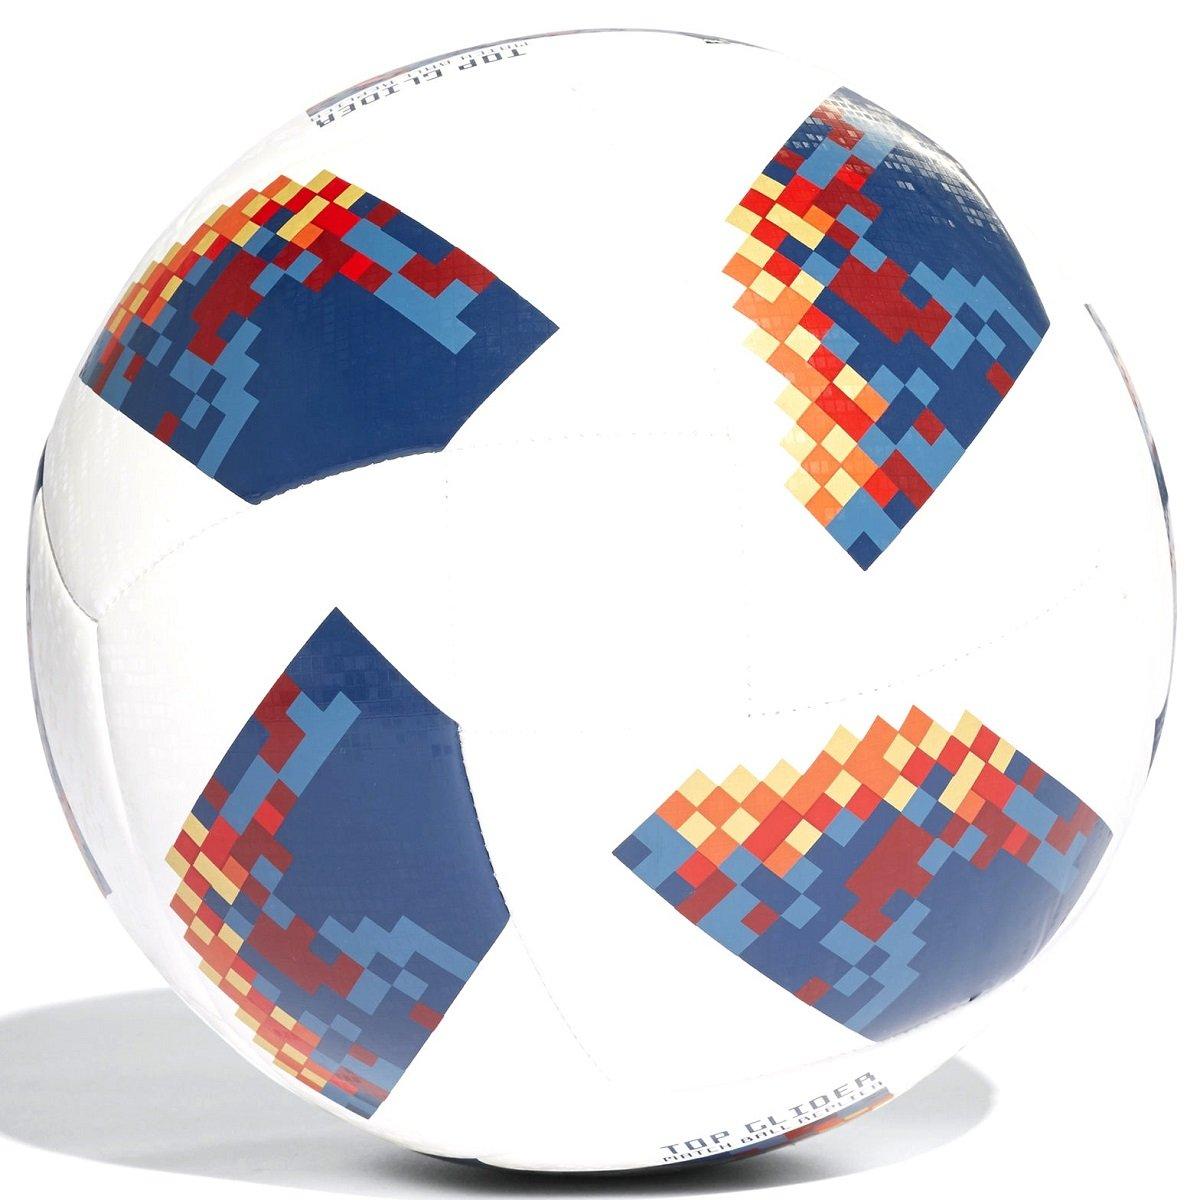 7e3d7dc4331d7 Passe o mouse para ver detalhes. Amplie a imagem. Bola Adidas Russia FIFA World  Cup 2018 ...